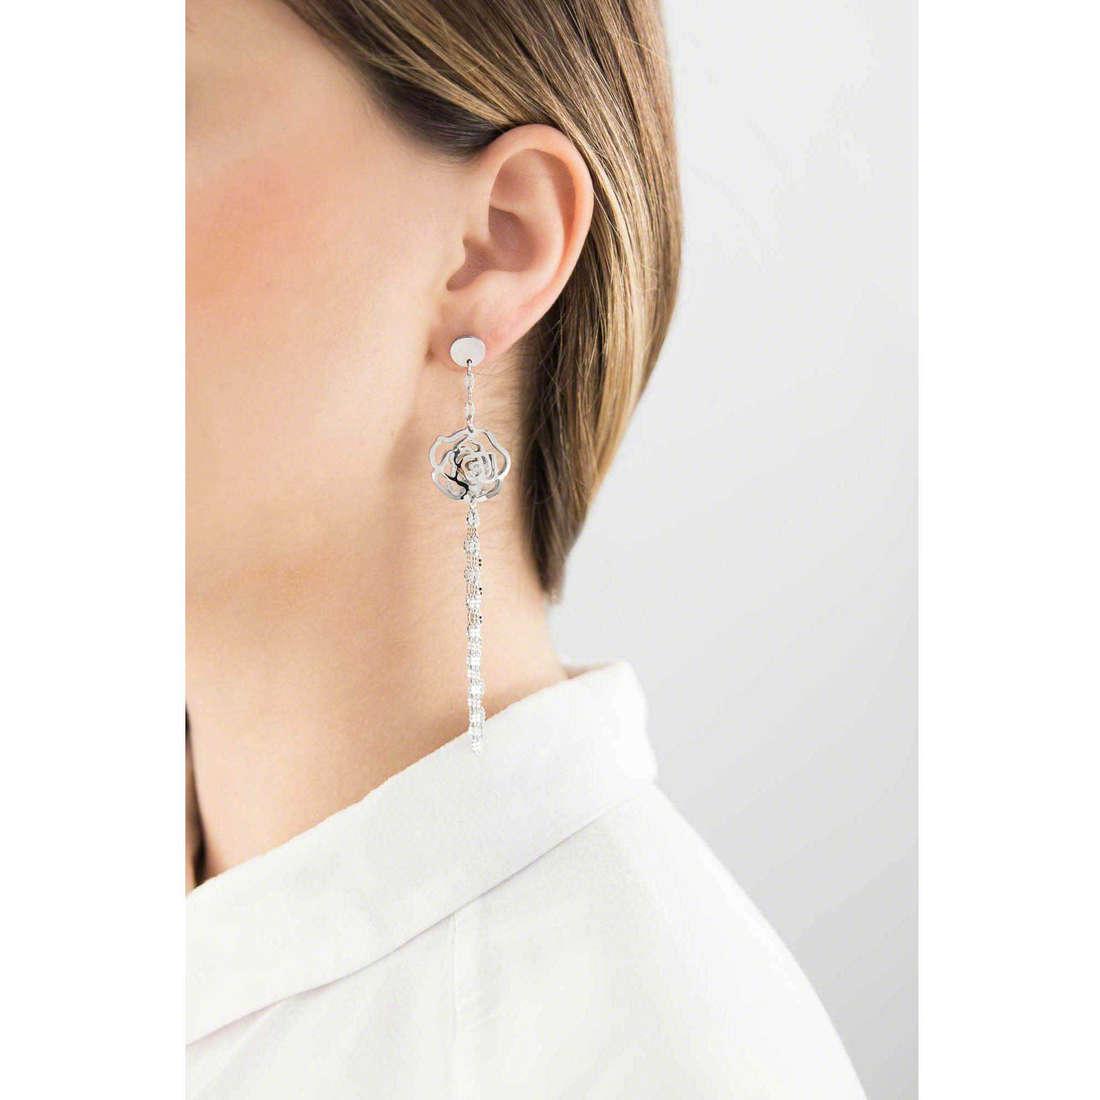 Marlù orecchini Woman Chic donna 2OR0026 indosso